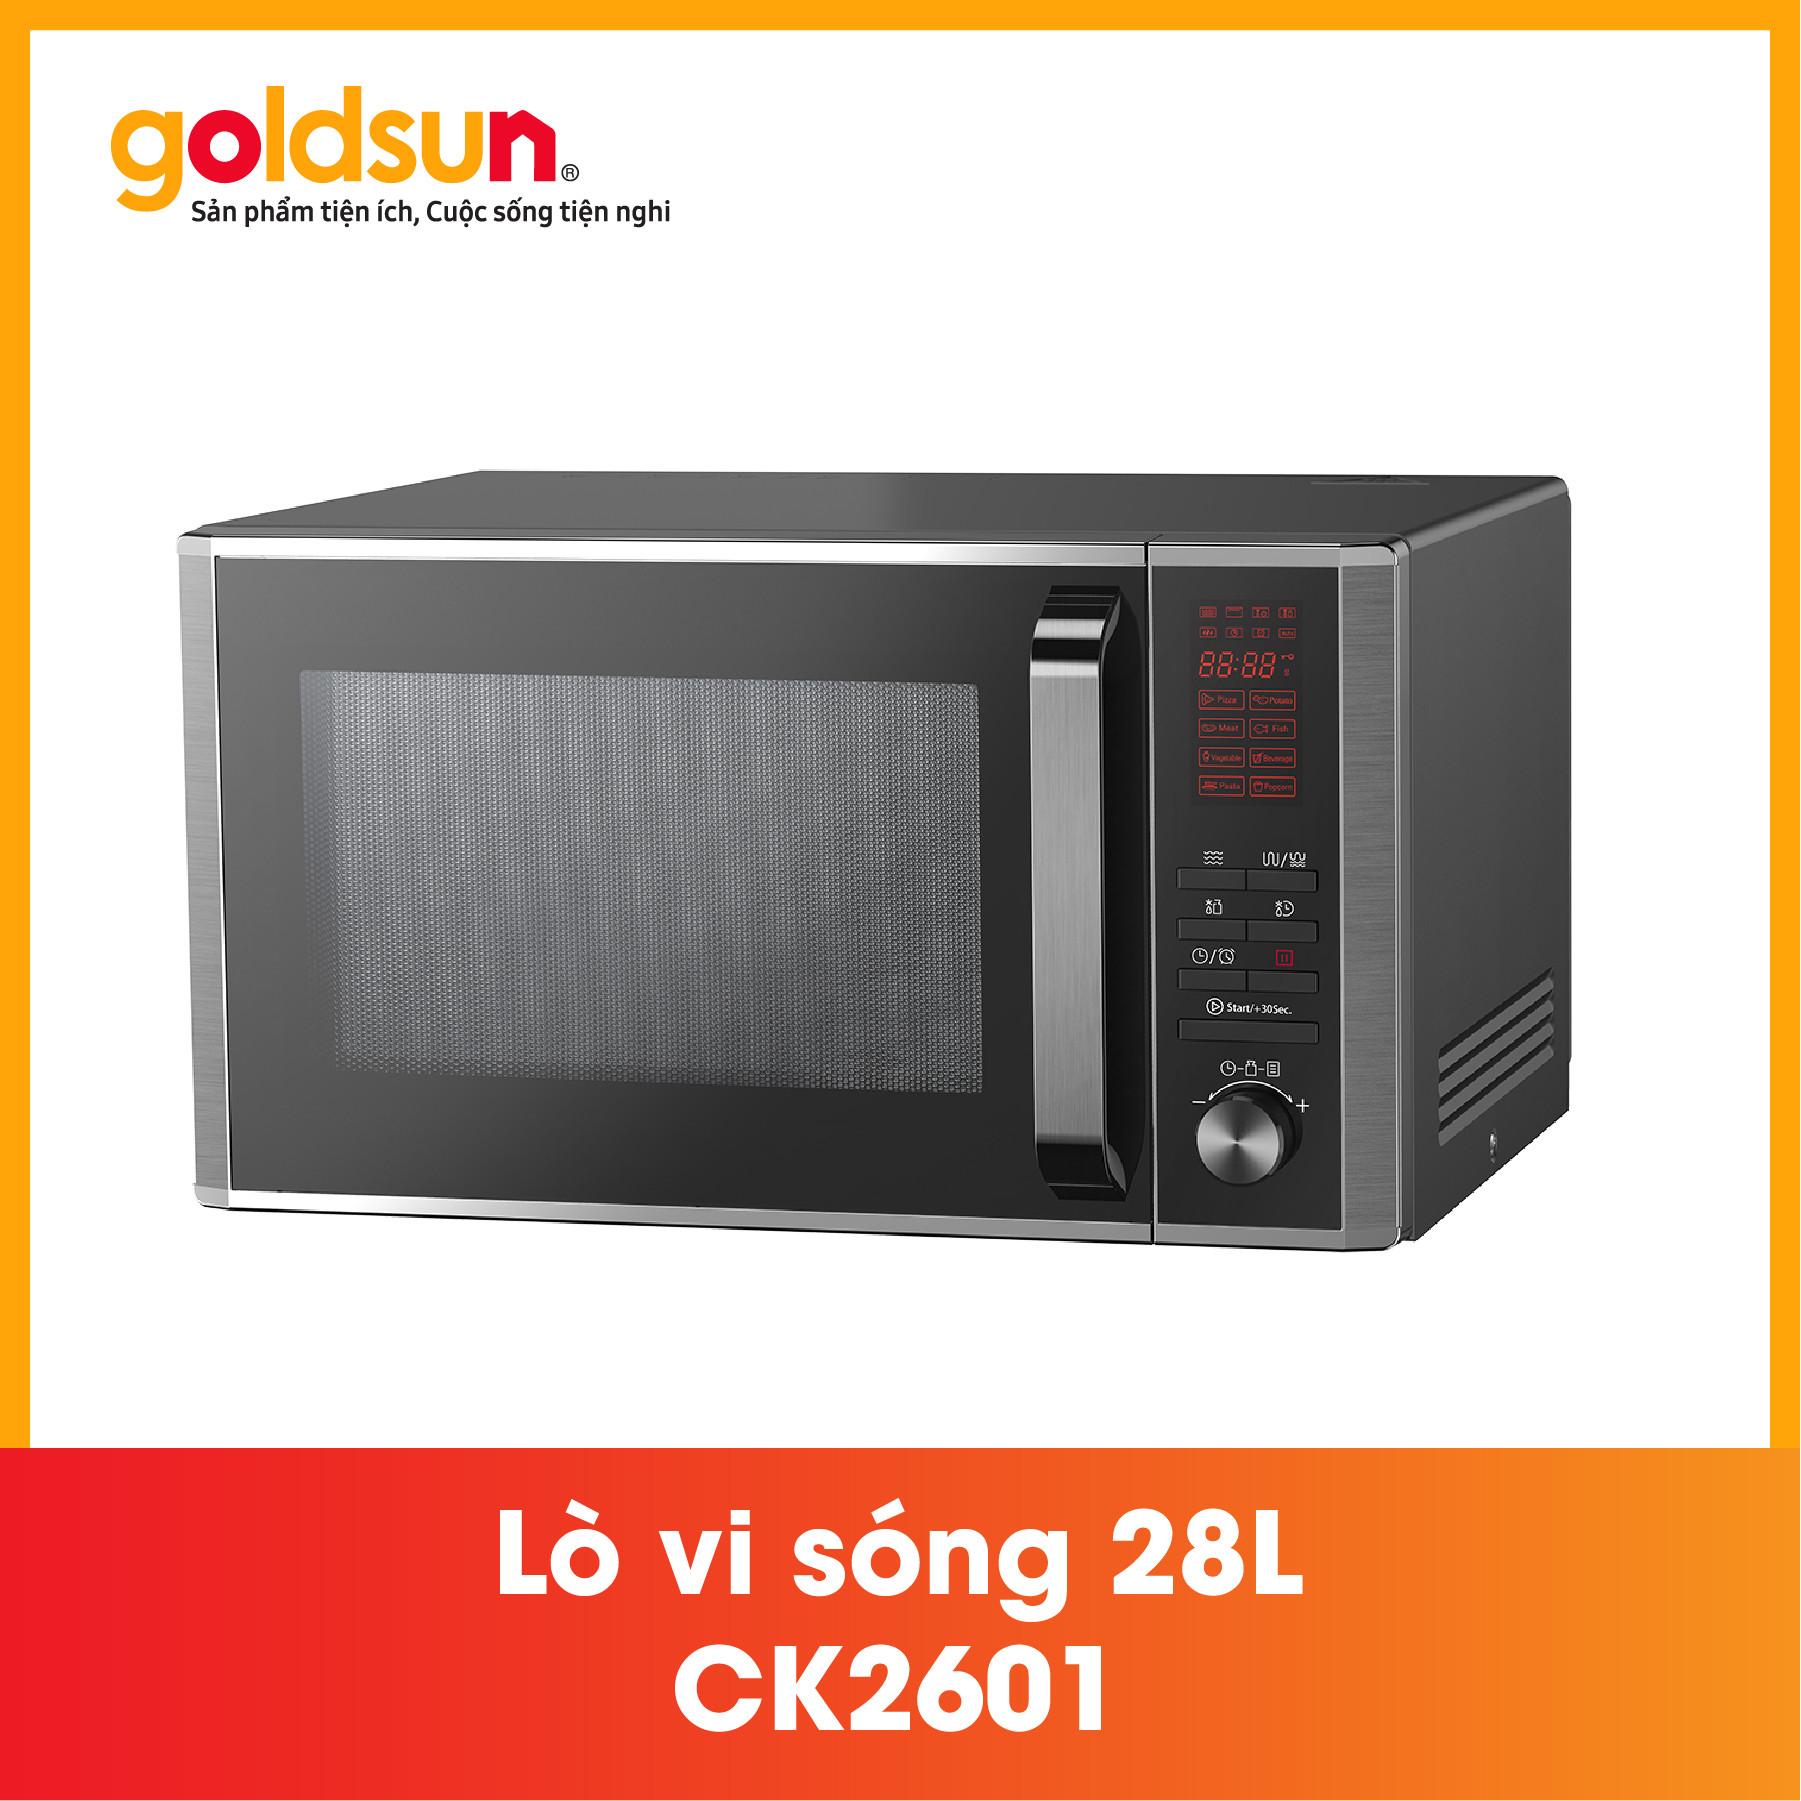 Lò vi sóng Goldsun CK2601- Điện tử 28L Hàng chính hãng